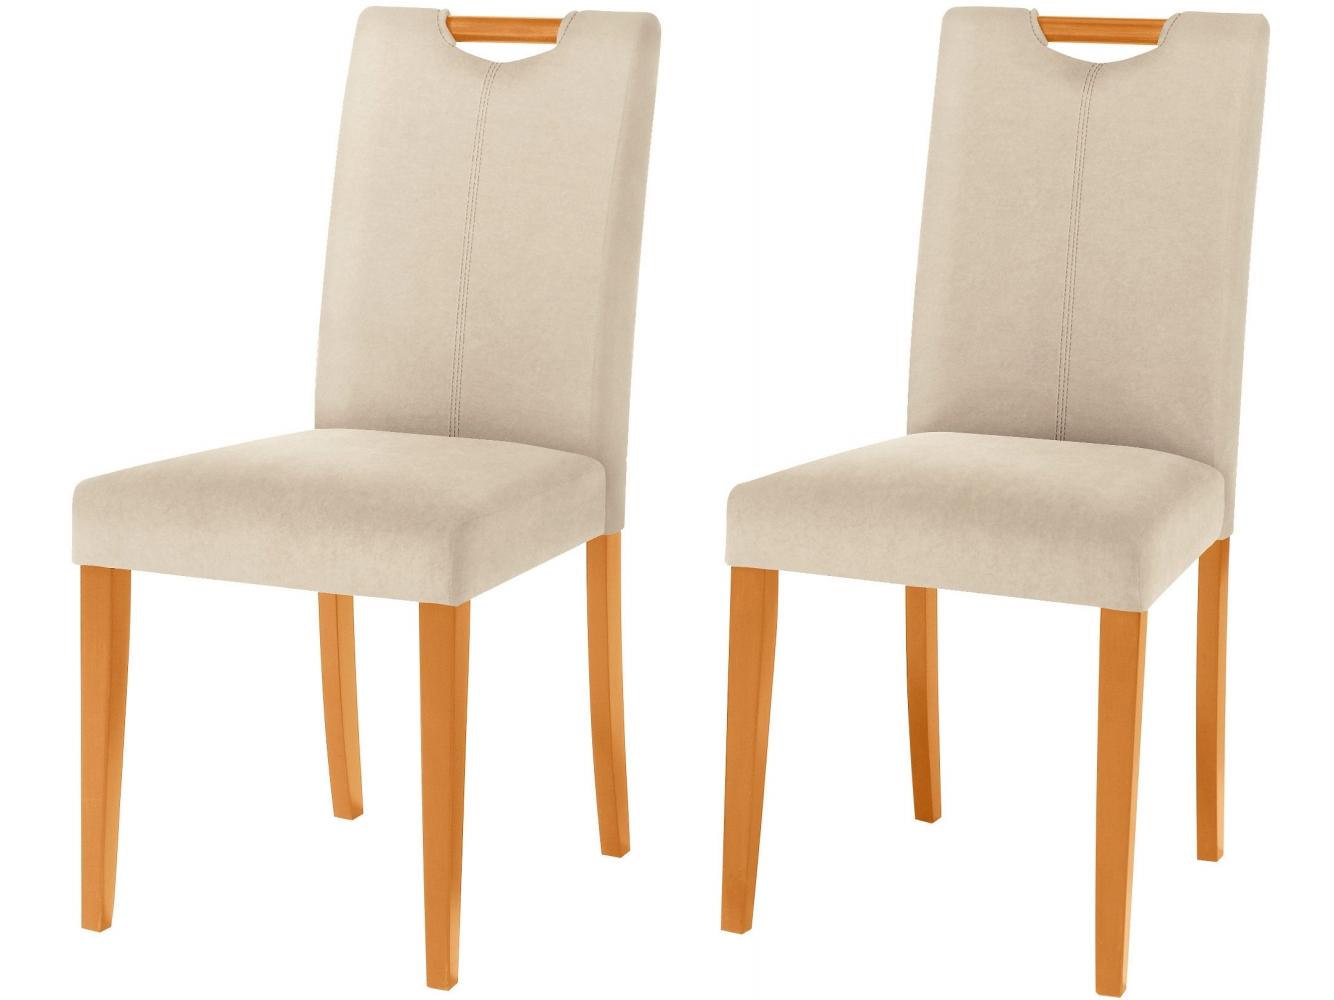 Jídelní židle Curt (SET 2 ks), mikrovlákno, krémová / přírodní dřevo